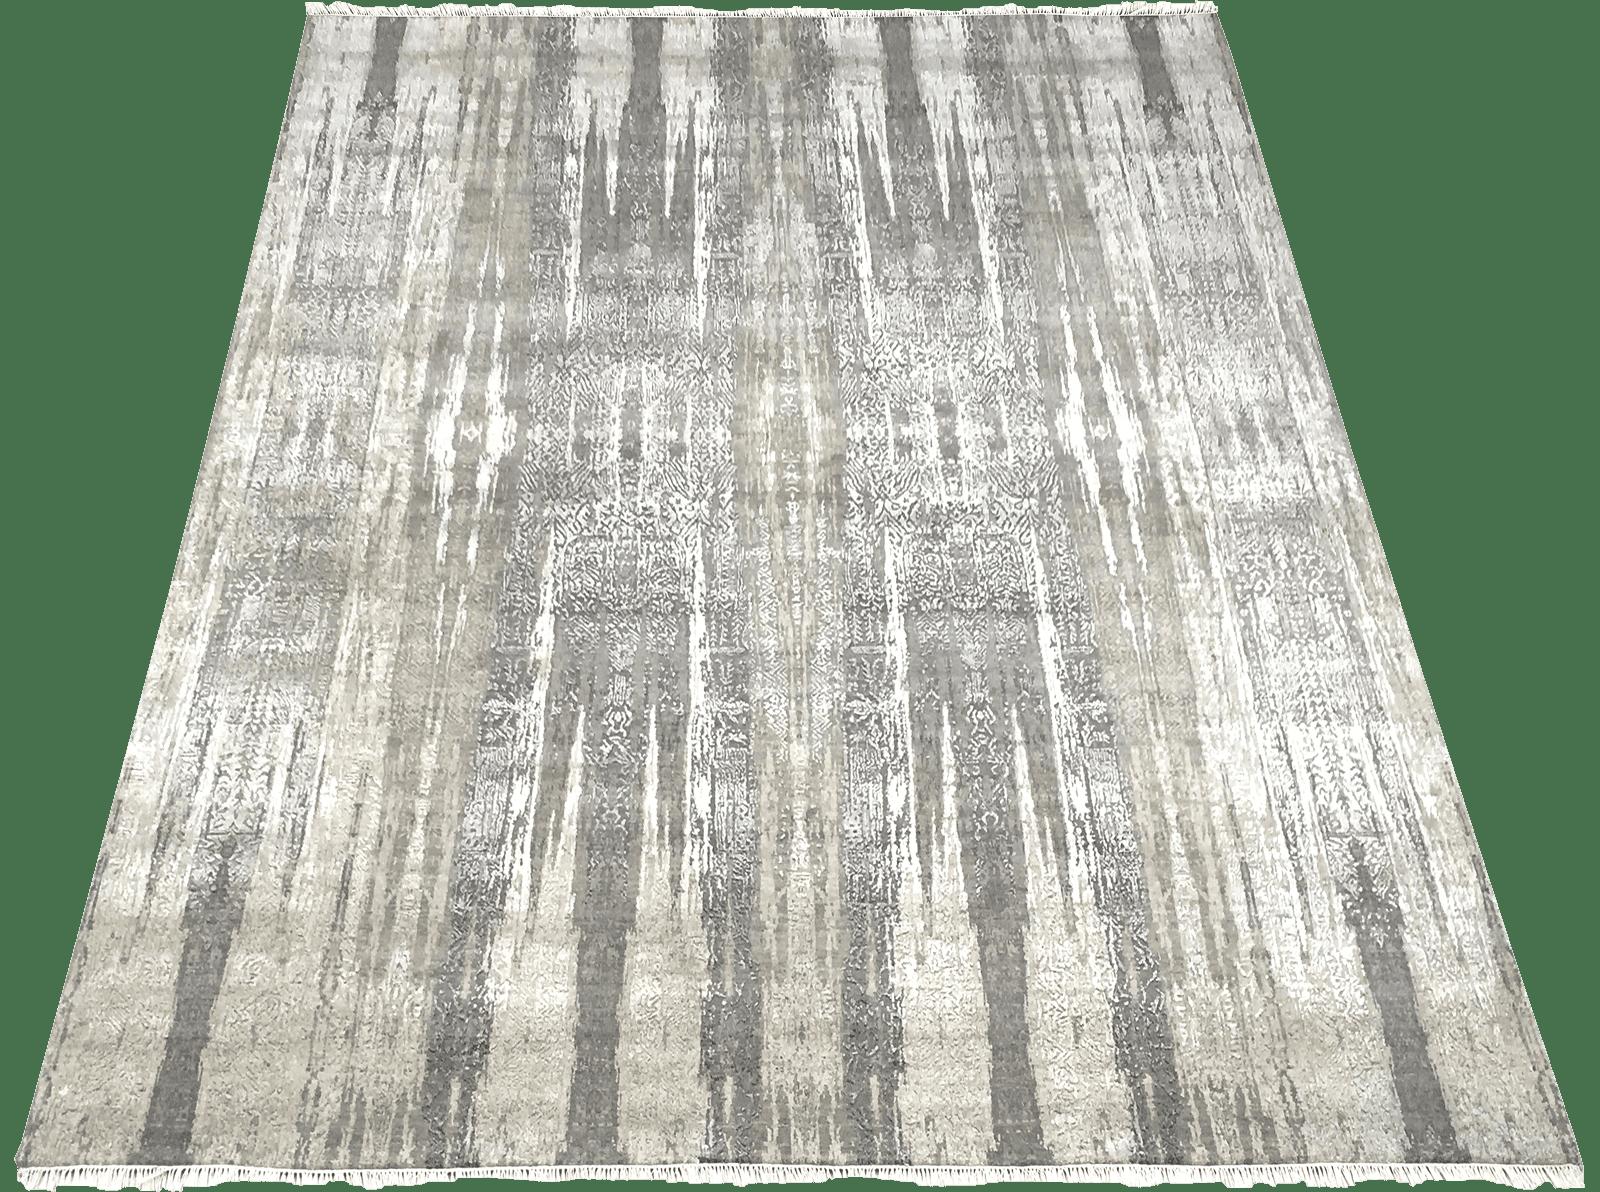 bentayga-art-design-tapijt-luxe-moderne-exclusieve-design-tapijten-luxe-vloerkleden-zijde-haute-couture-koreman-maastricht